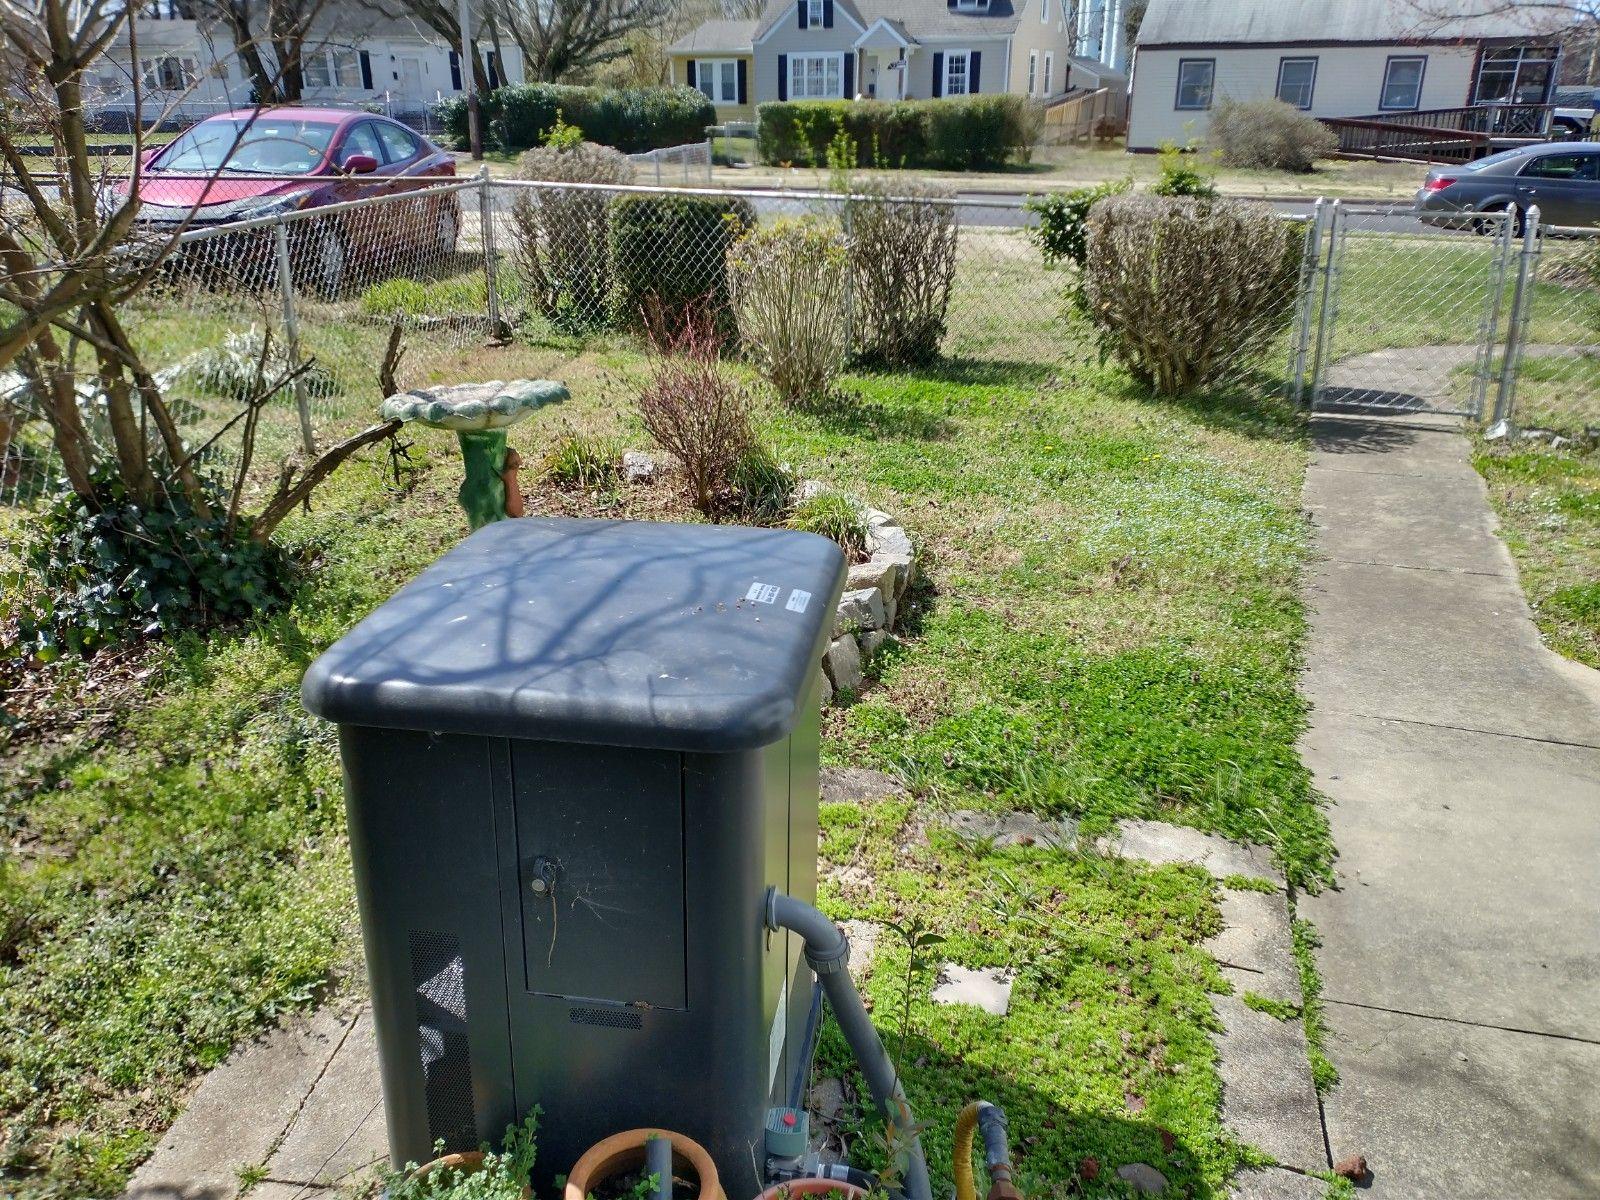 3921 Peyton Ave (Image - 2)